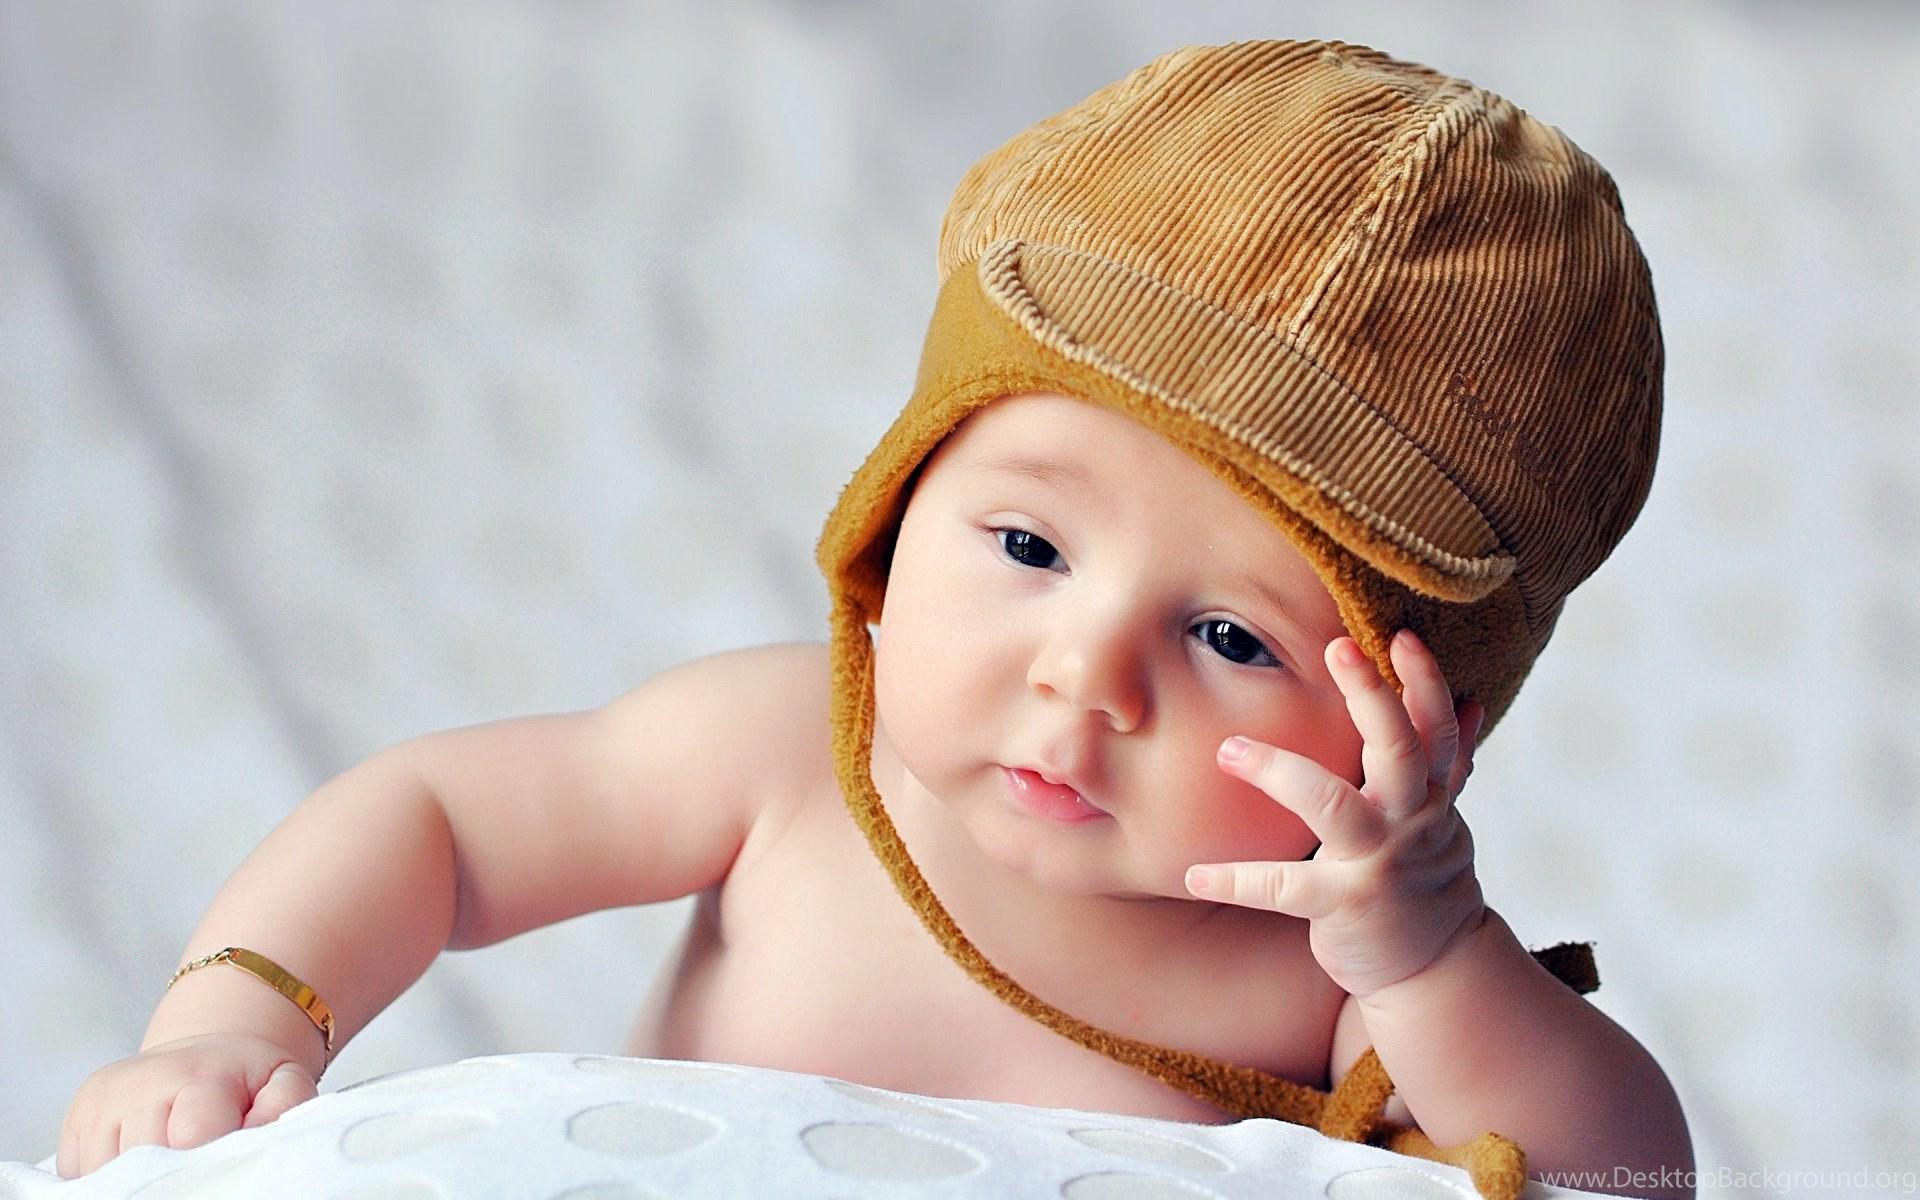 Beautiful Baby Wallpapers Desktop Background